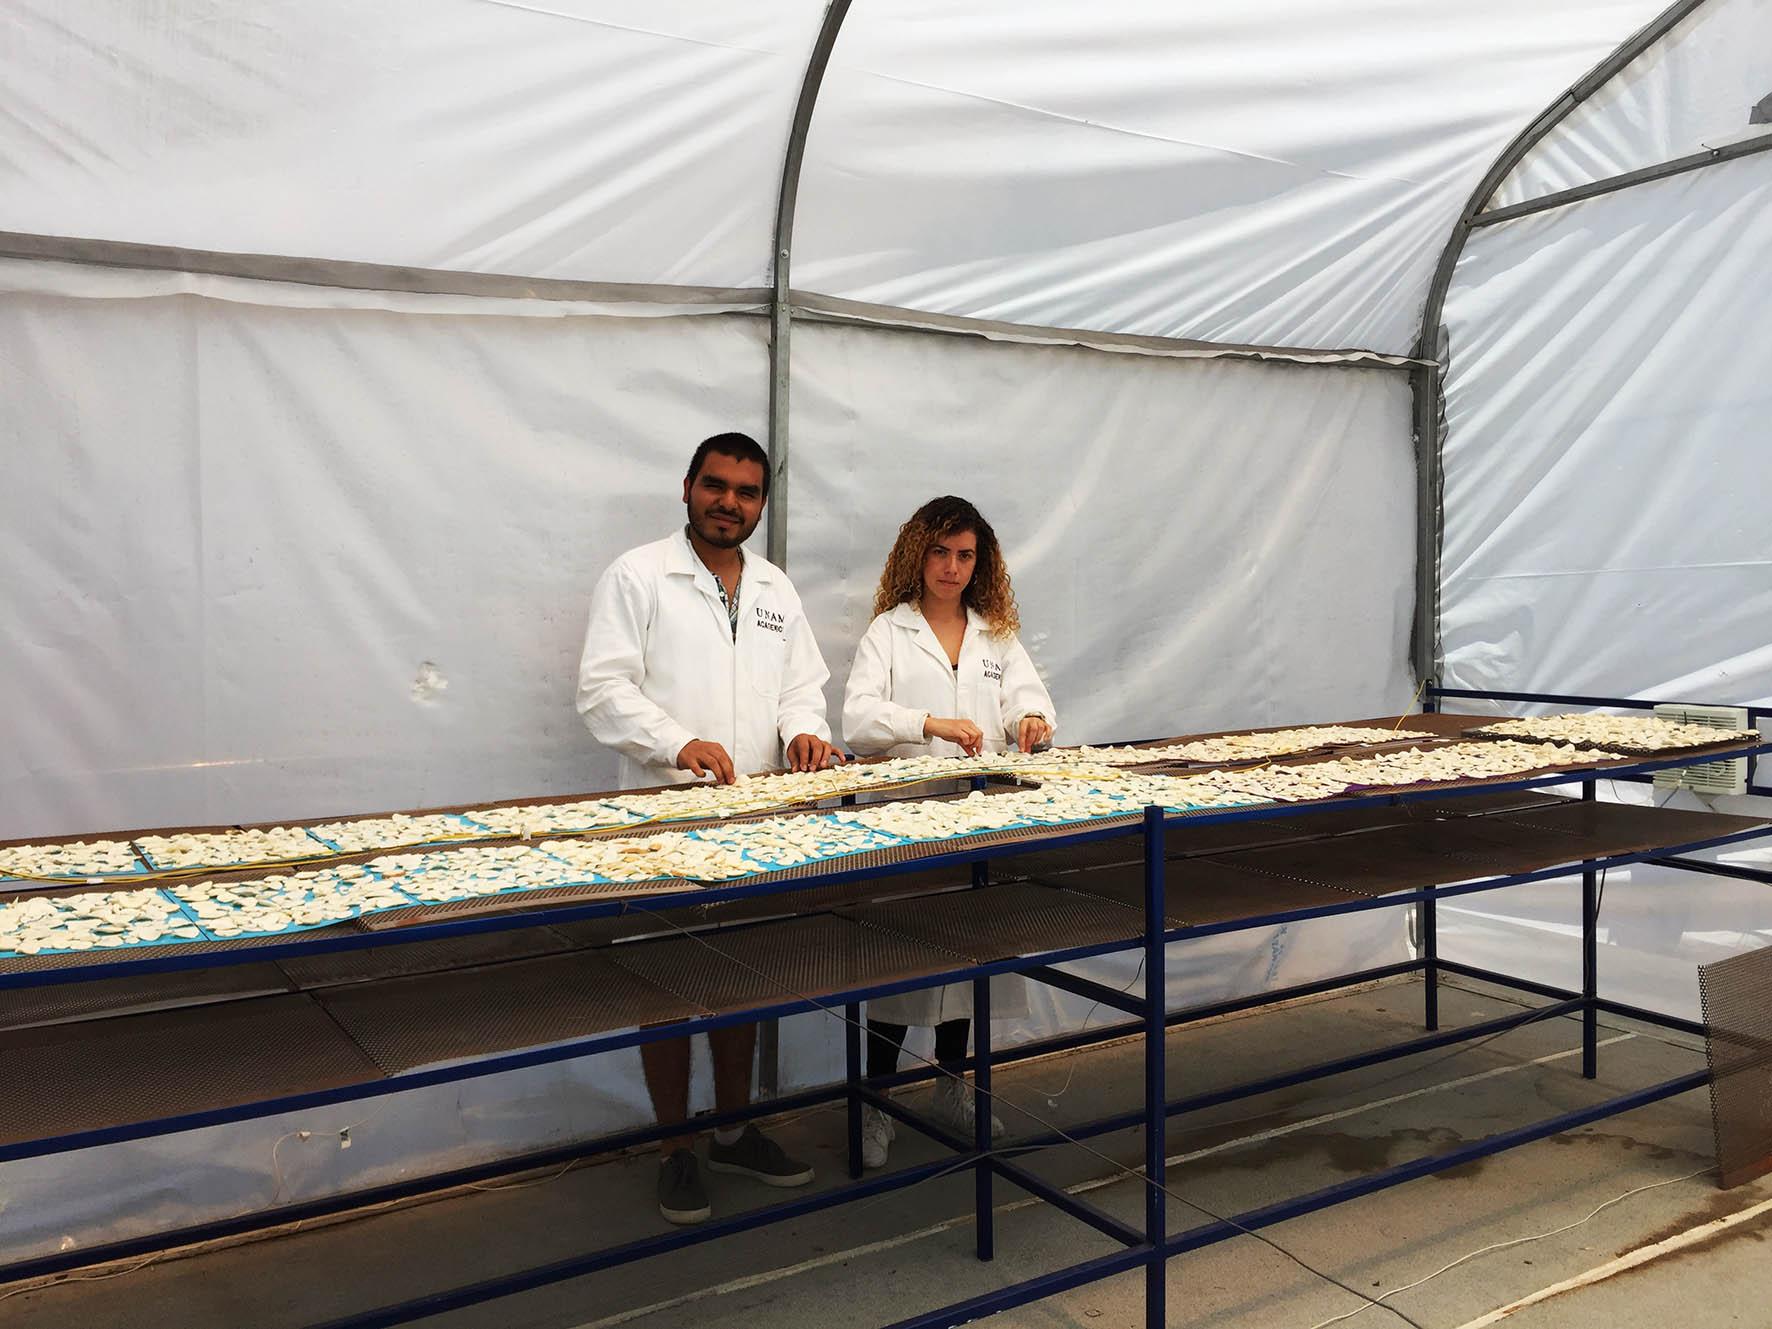 INVESTIGADORES DE LA UNAM PROPONEN CONVERTIR INVERNADEROS EN SECADORES SOLARES DE ALIMENTOS